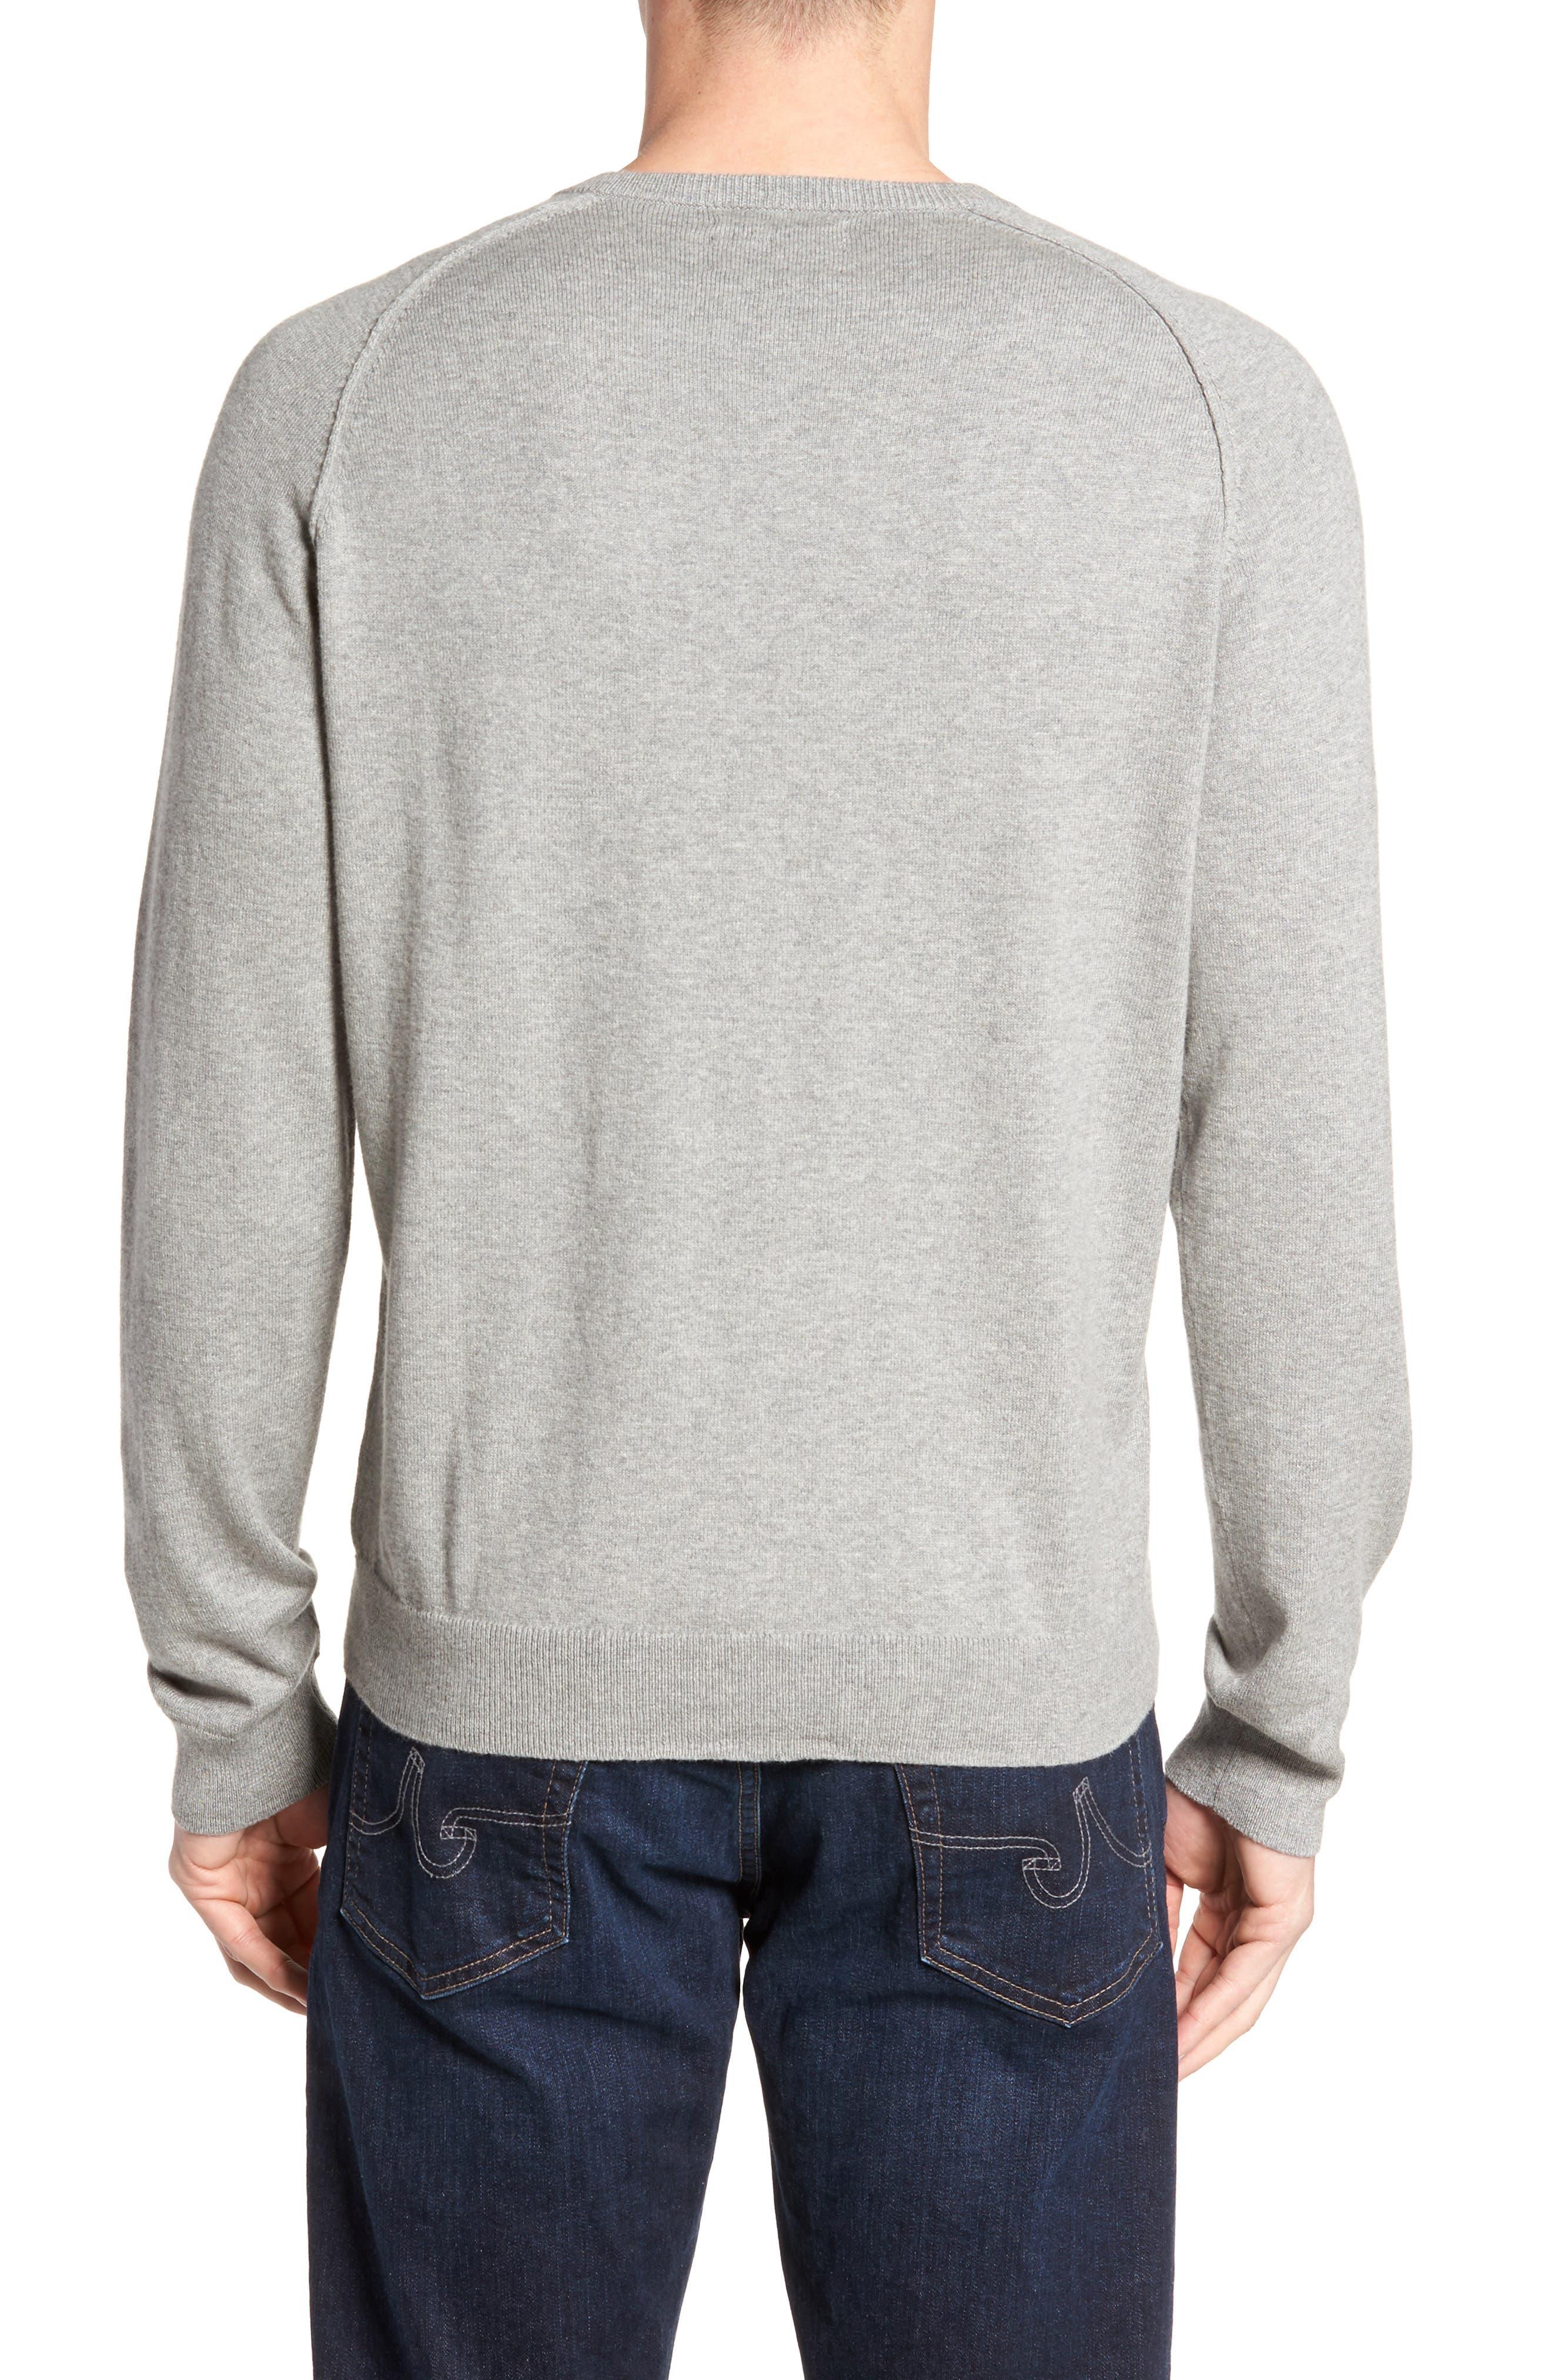 Saddle Shoulder Cotton & Cashmere Sweater,                             Alternate thumbnail 2, color,                             030